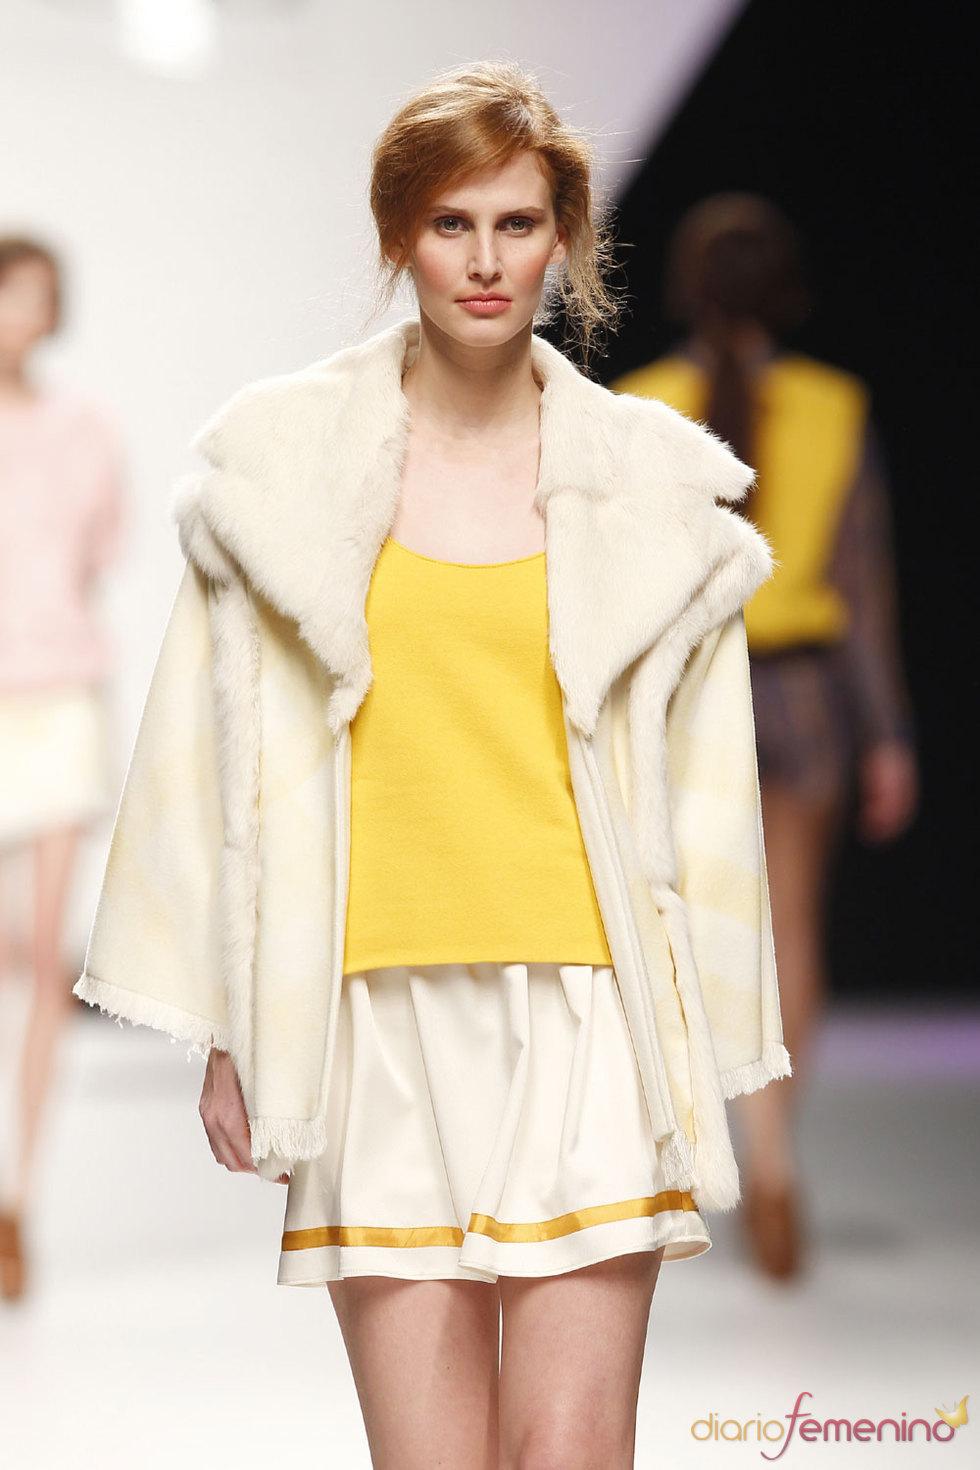 Moda Joven de American Perez - Pasarela Cibeles 2010